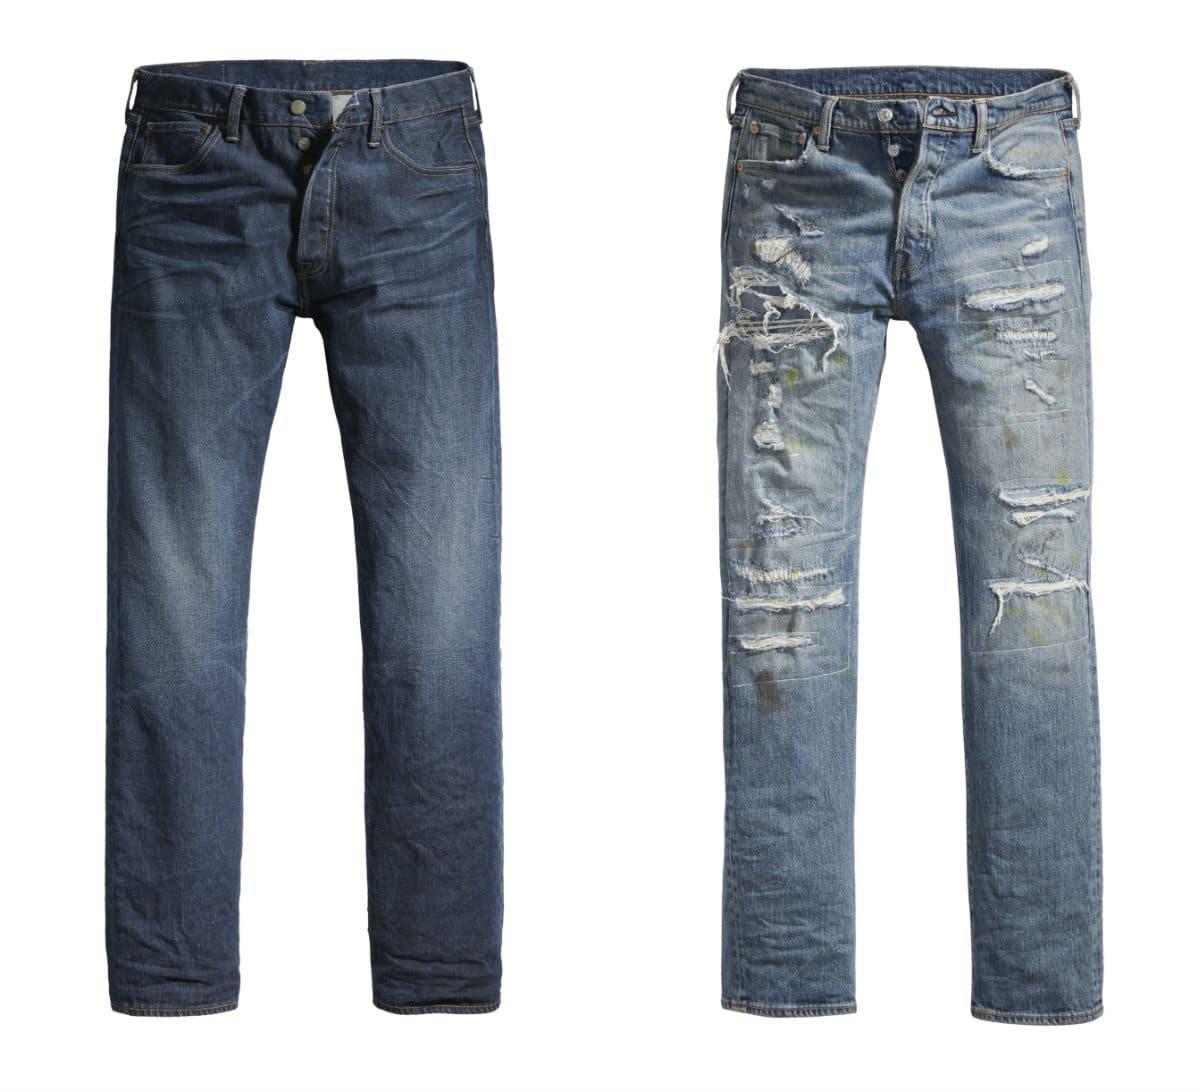 Nouveaux jeans Levi's 501 Stretch